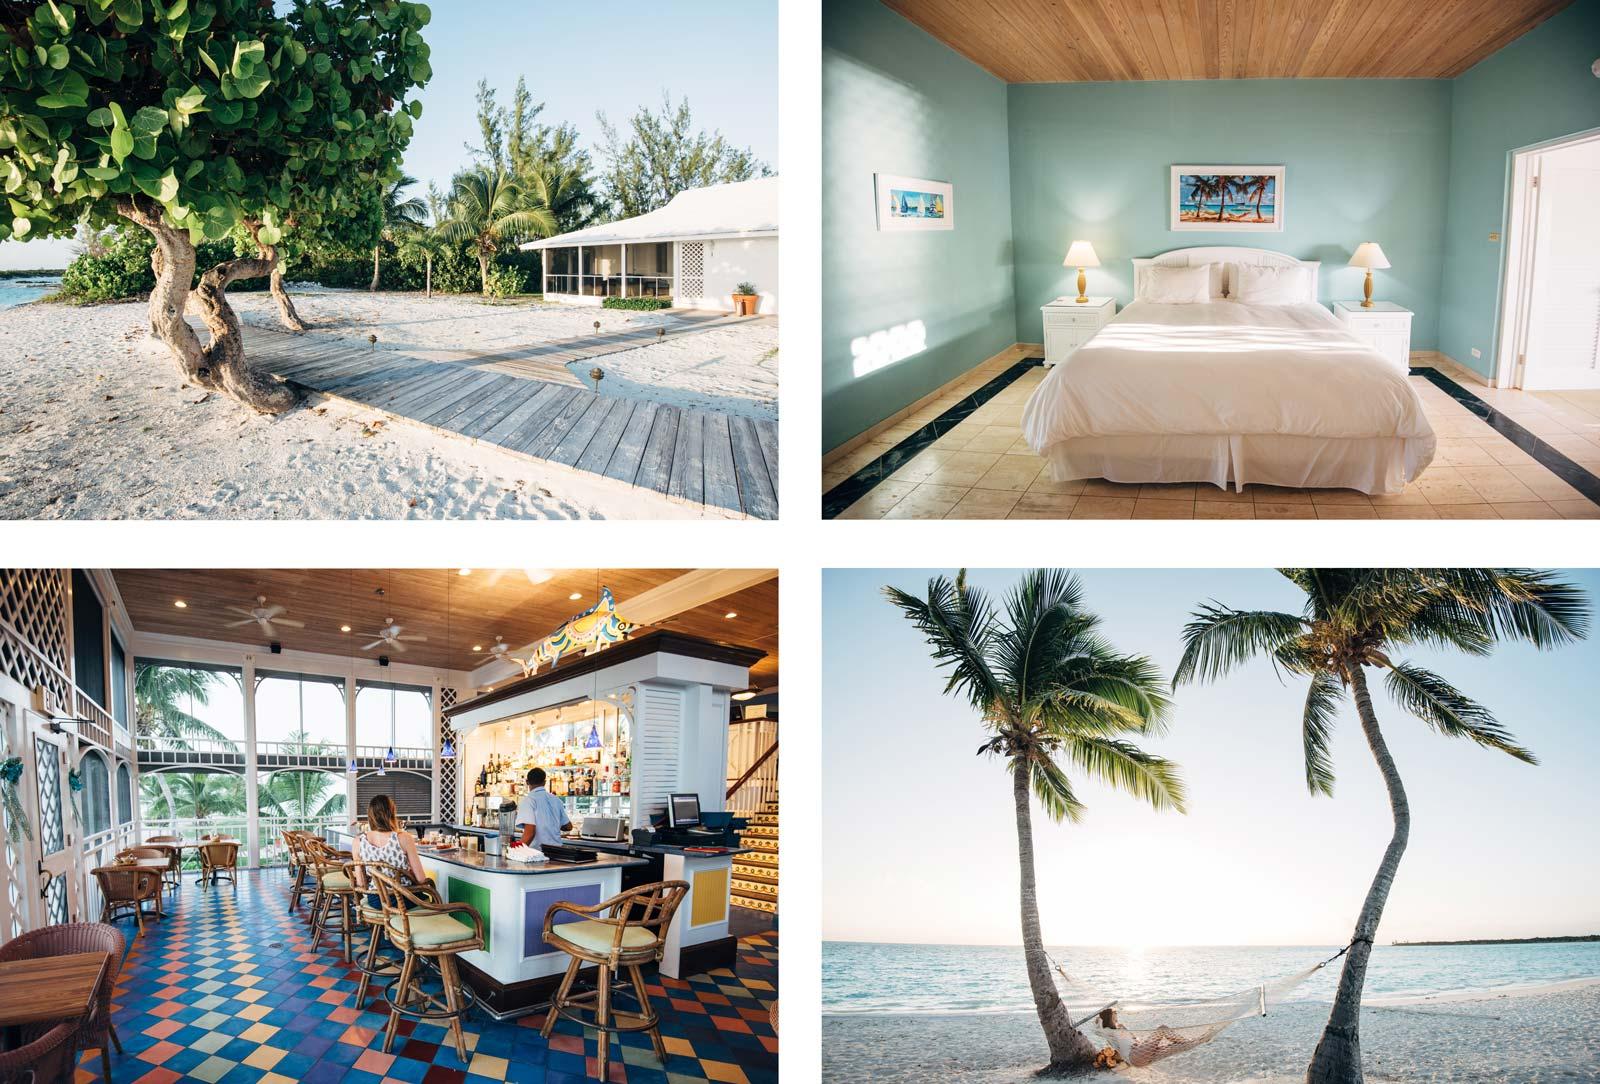 Hotel Cap Santa Maria, Long Island, Bahamas